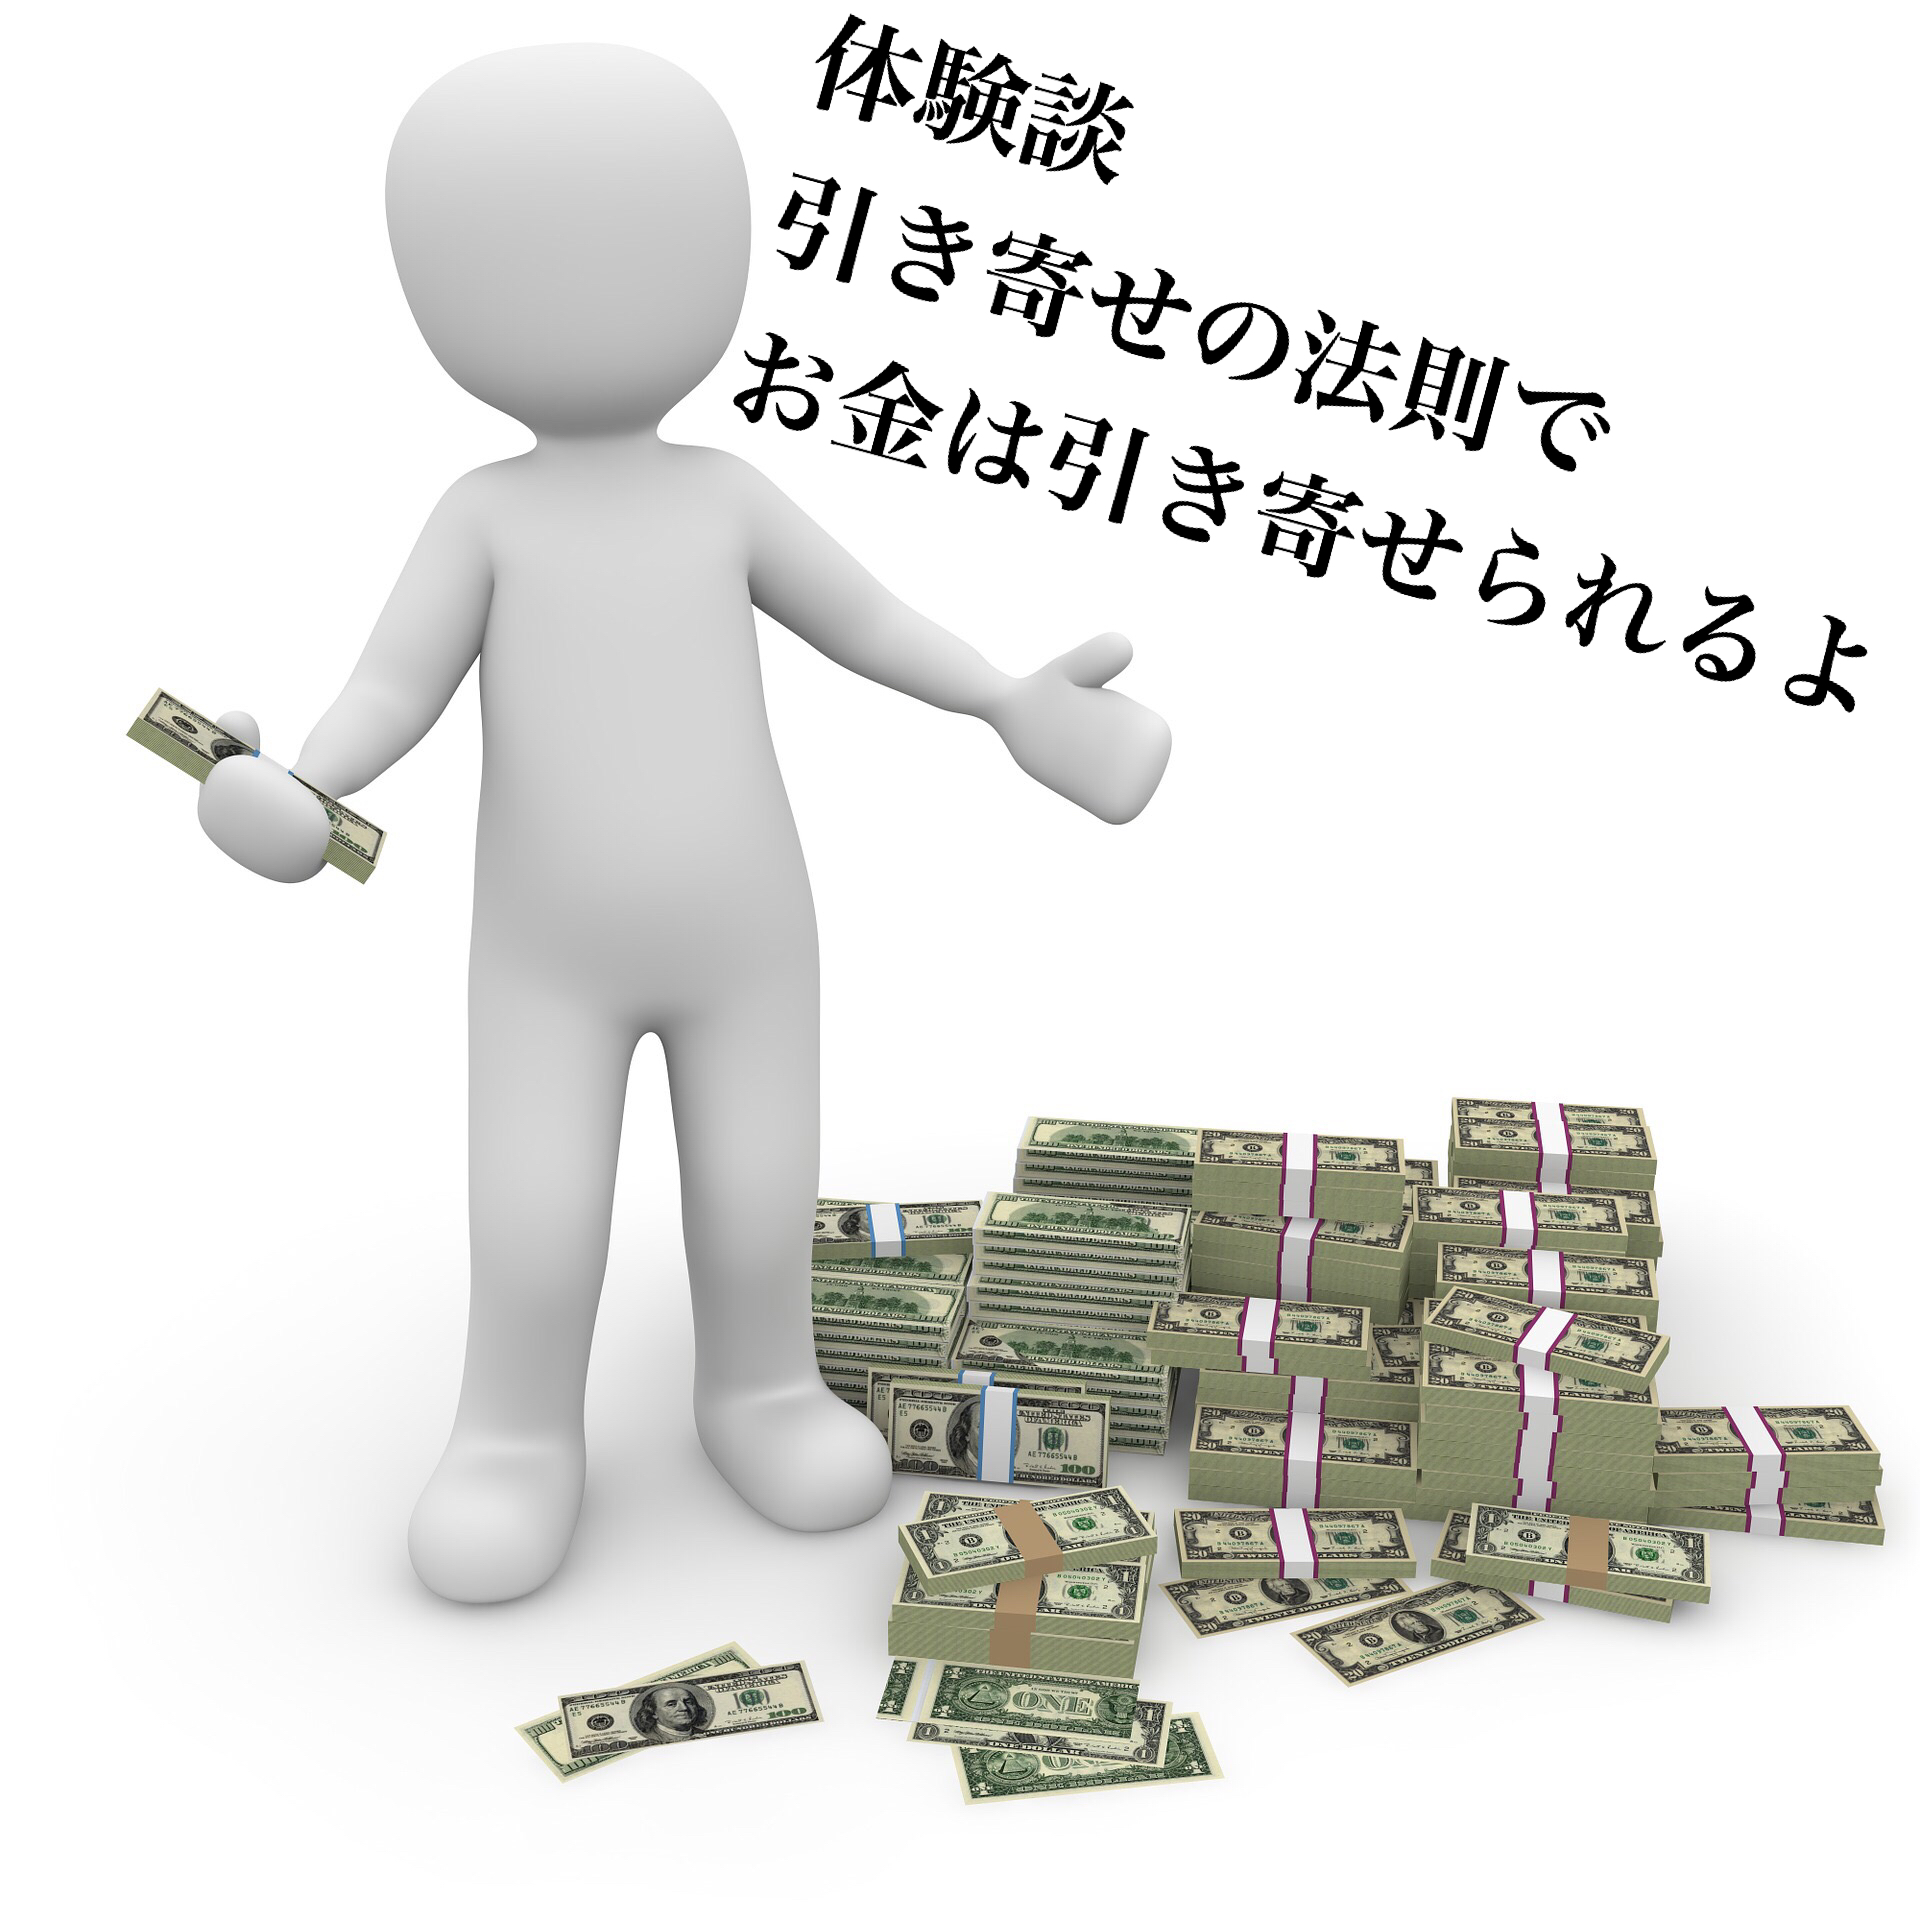 体験談・引き寄せの法則でお金は引き寄せられるよ